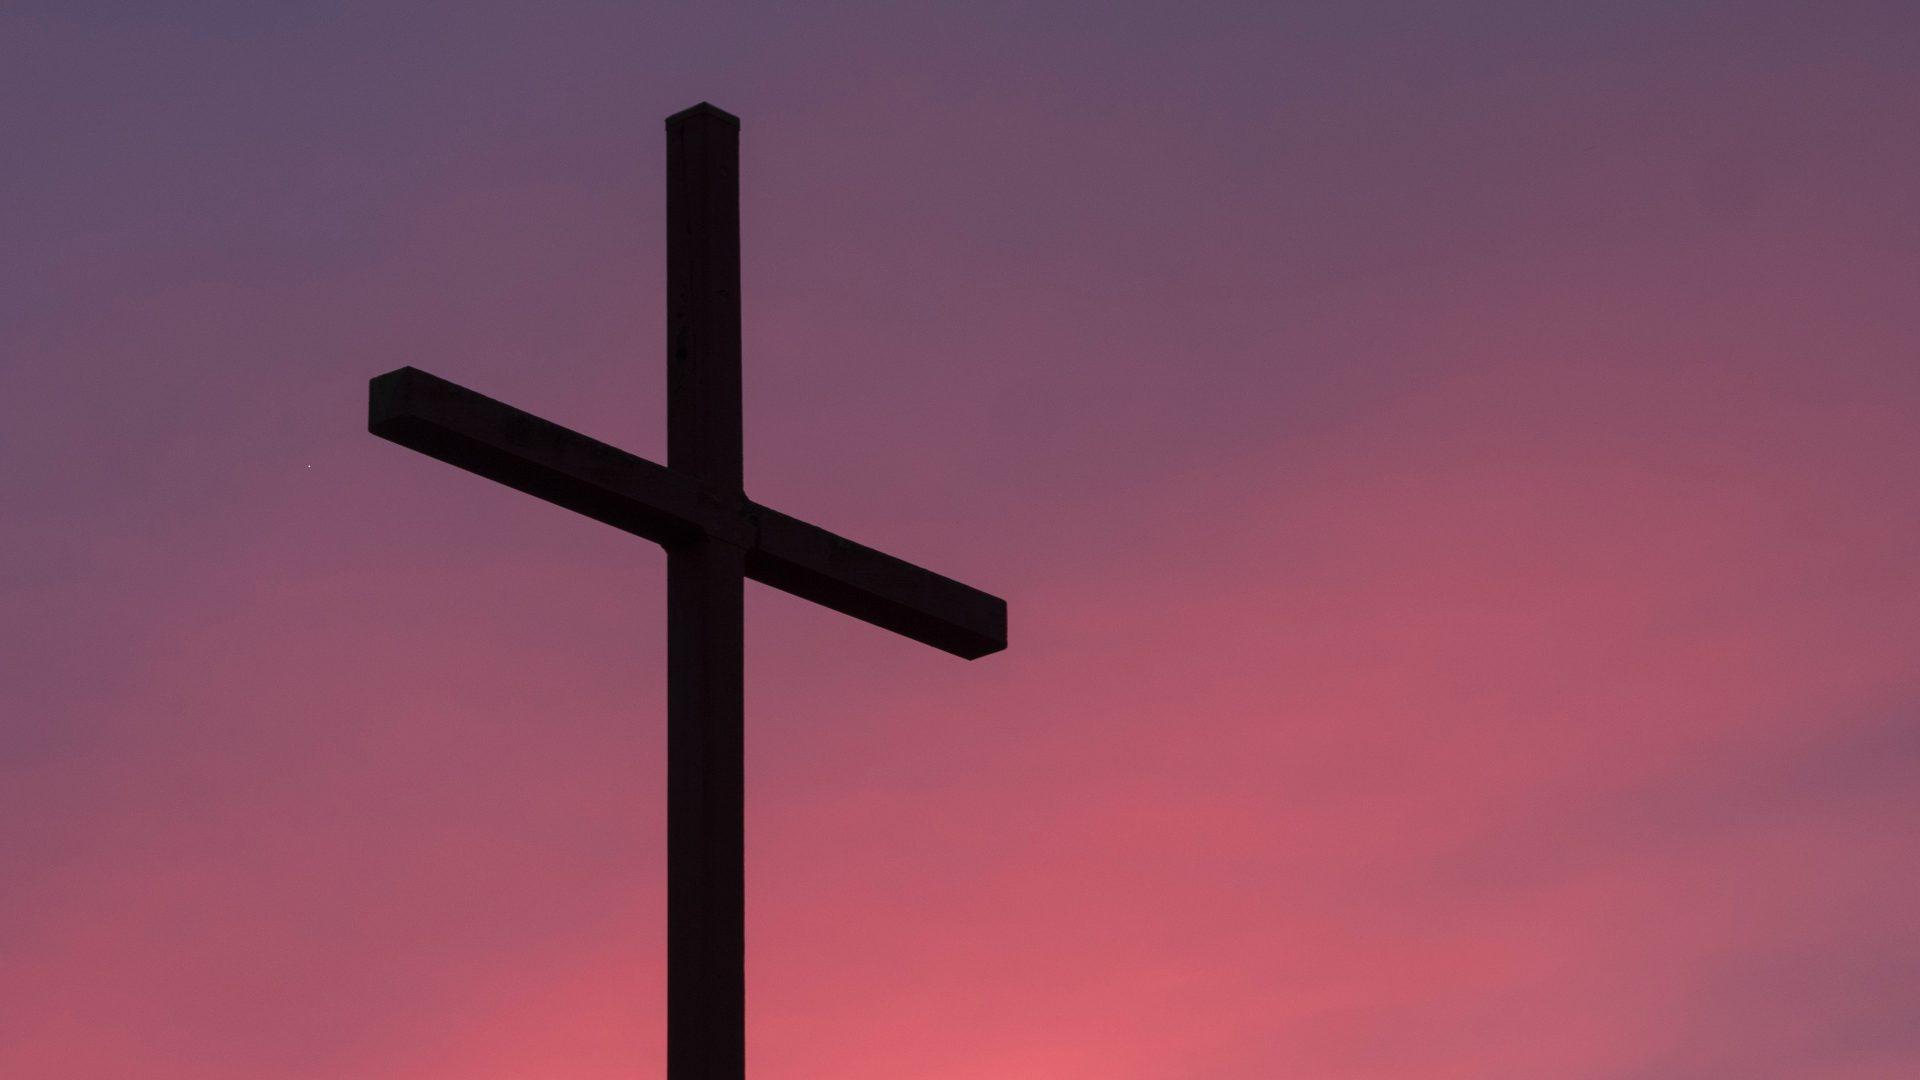 aaron-burden-233840-unsplash – Bible Baptist Church of Utica